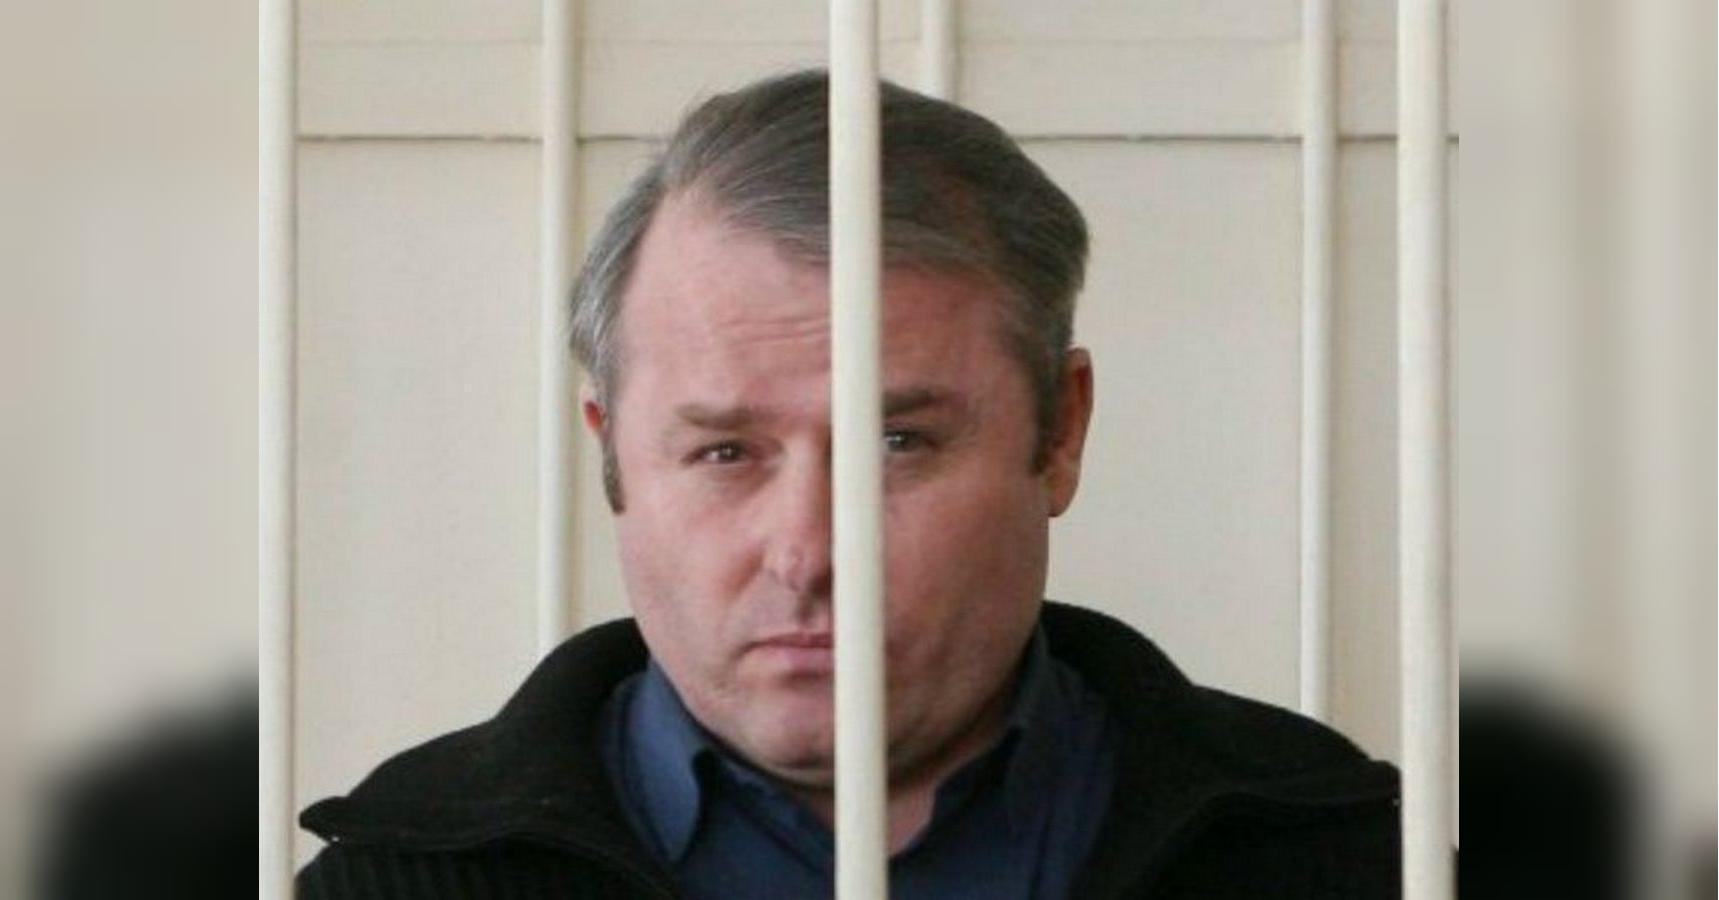 Лозінський, який вбив людину та вийшов достроково «за станом здоров'я», виграв вибори